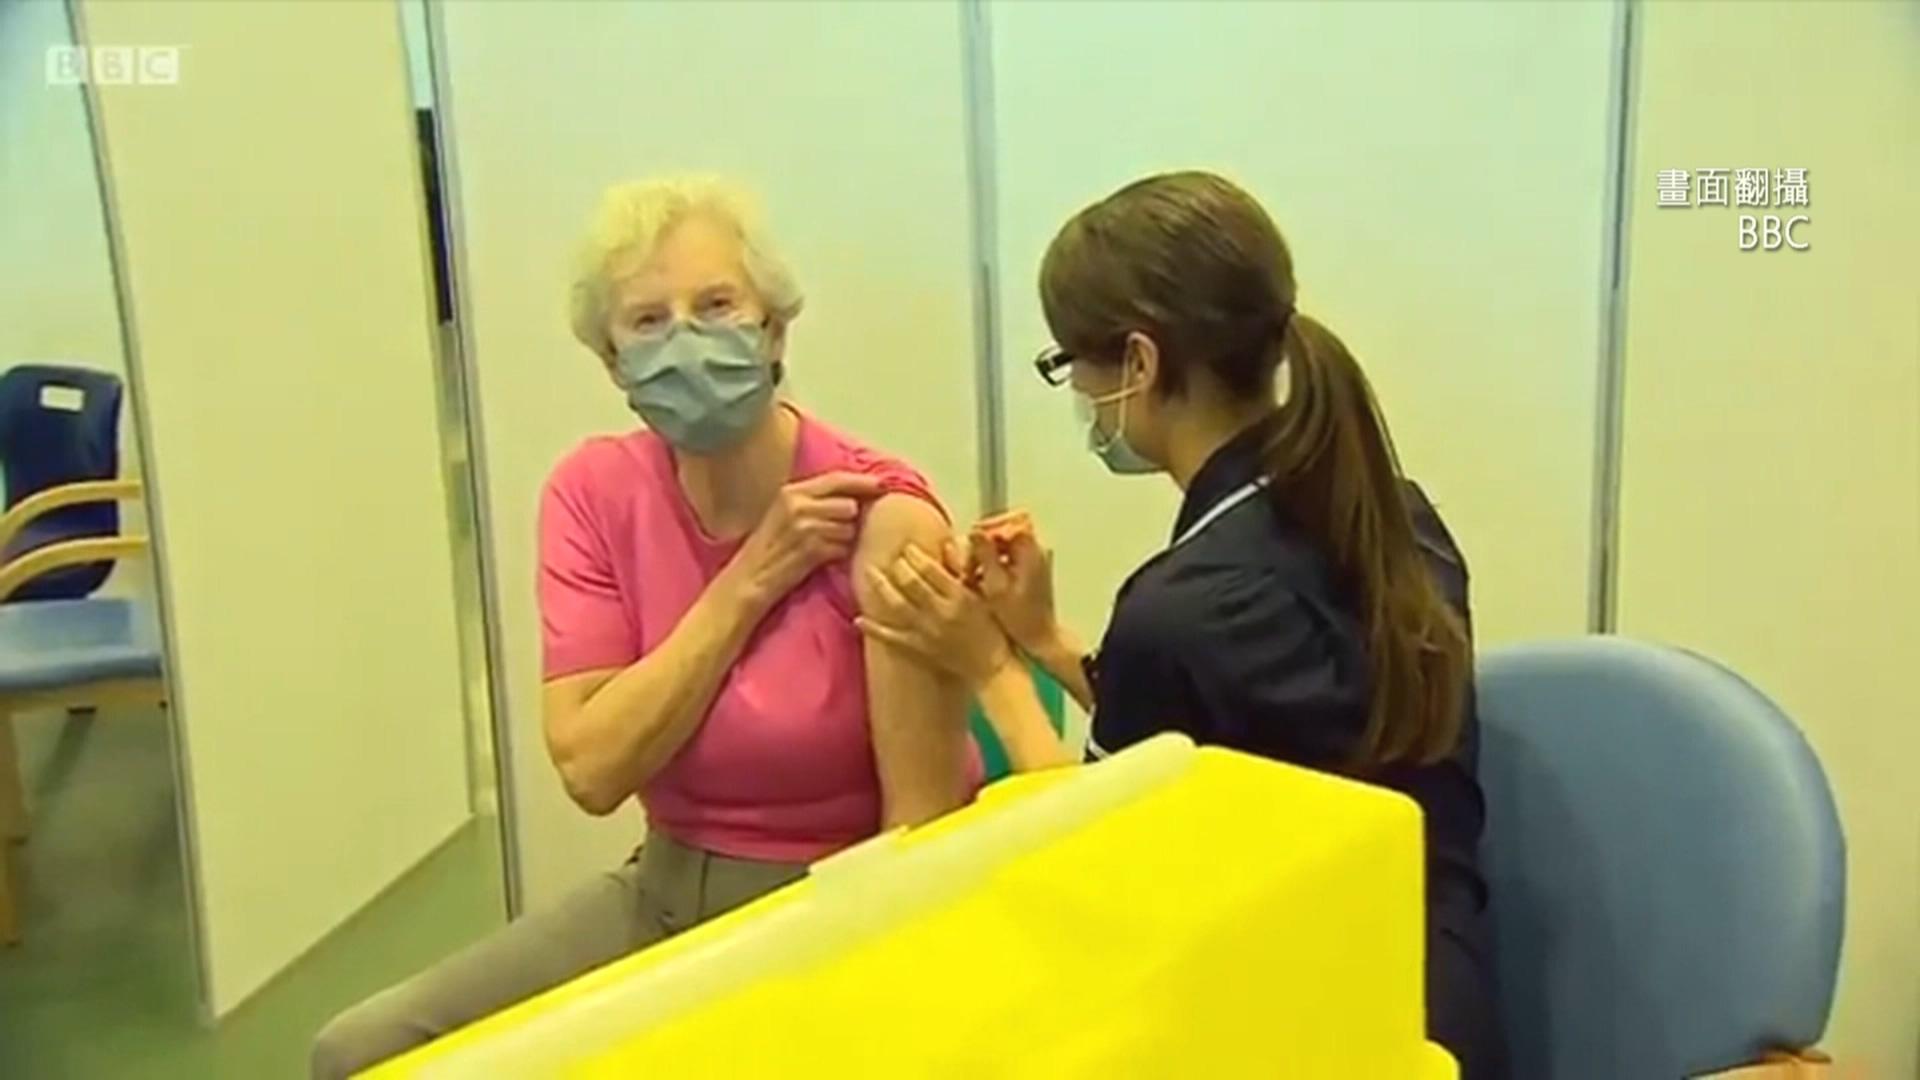 難抗變種病毒? 南非暫停施打牛津疫苗 藥廠:秋季推新疫苗